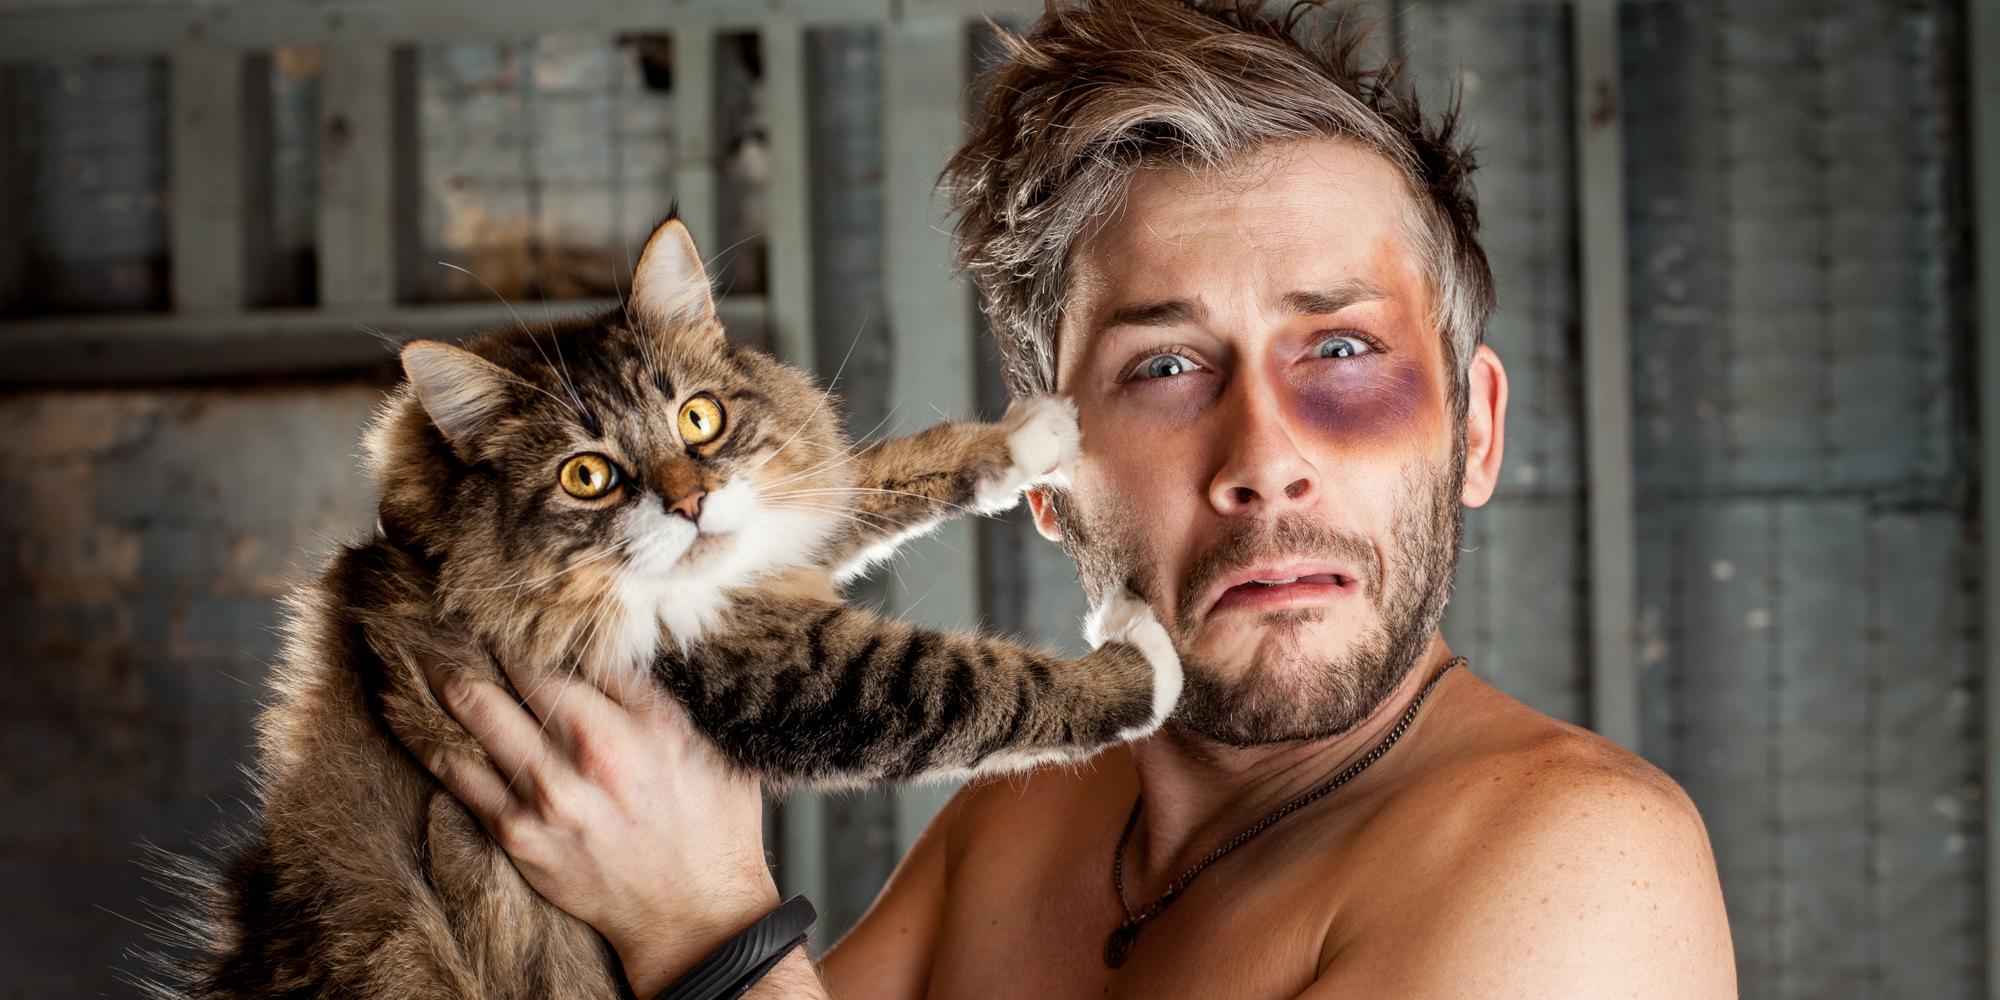 Ben+Cat+Web.jpg